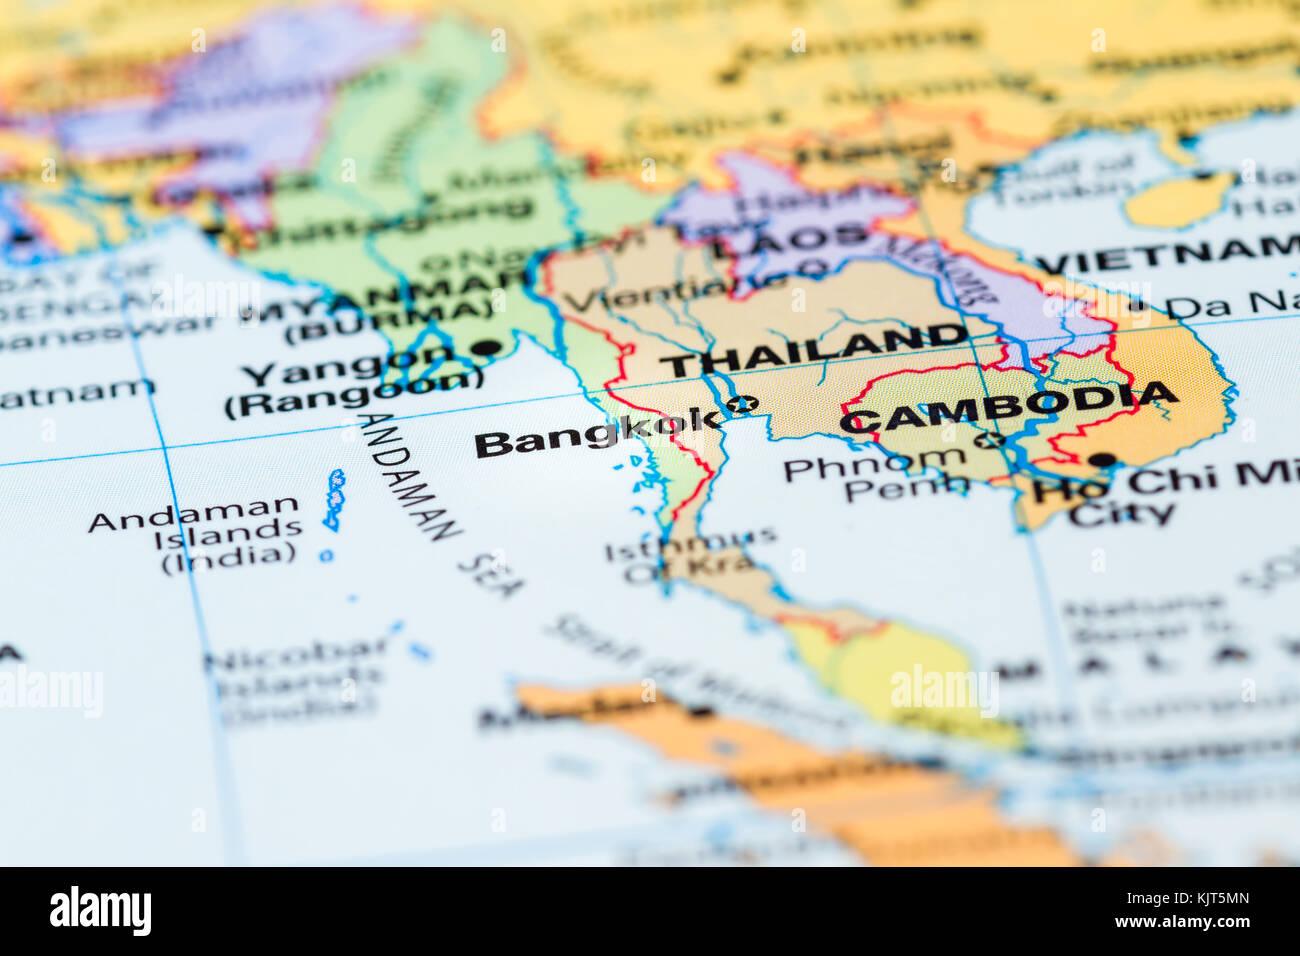 Bangkok tourist map stock photos bangkok tourist map stock images world map with a close up of bangkok thailand in focus stock image gumiabroncs Image collections